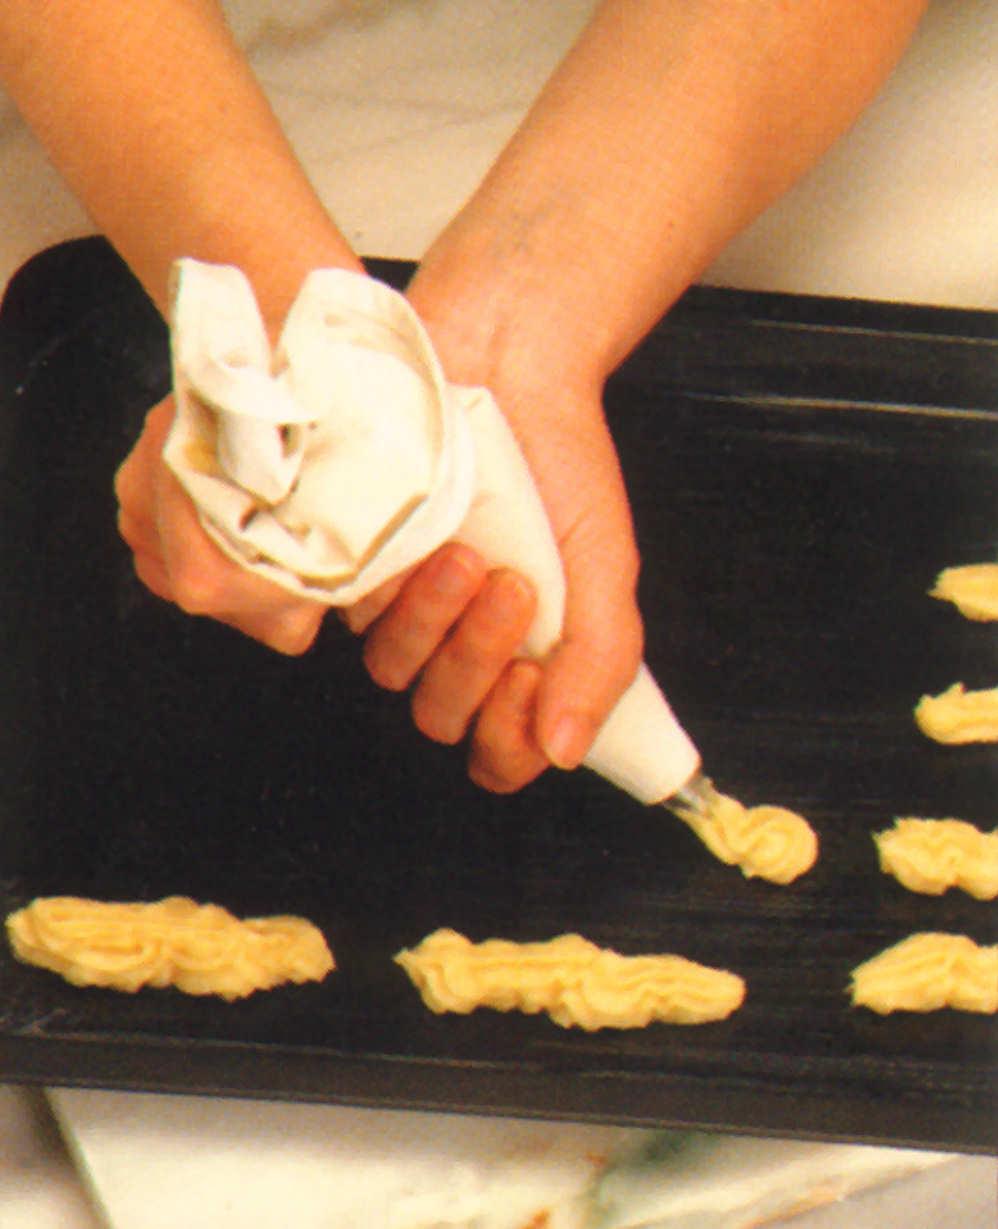 eclairs chocolate receta reposteria elaboracion horno